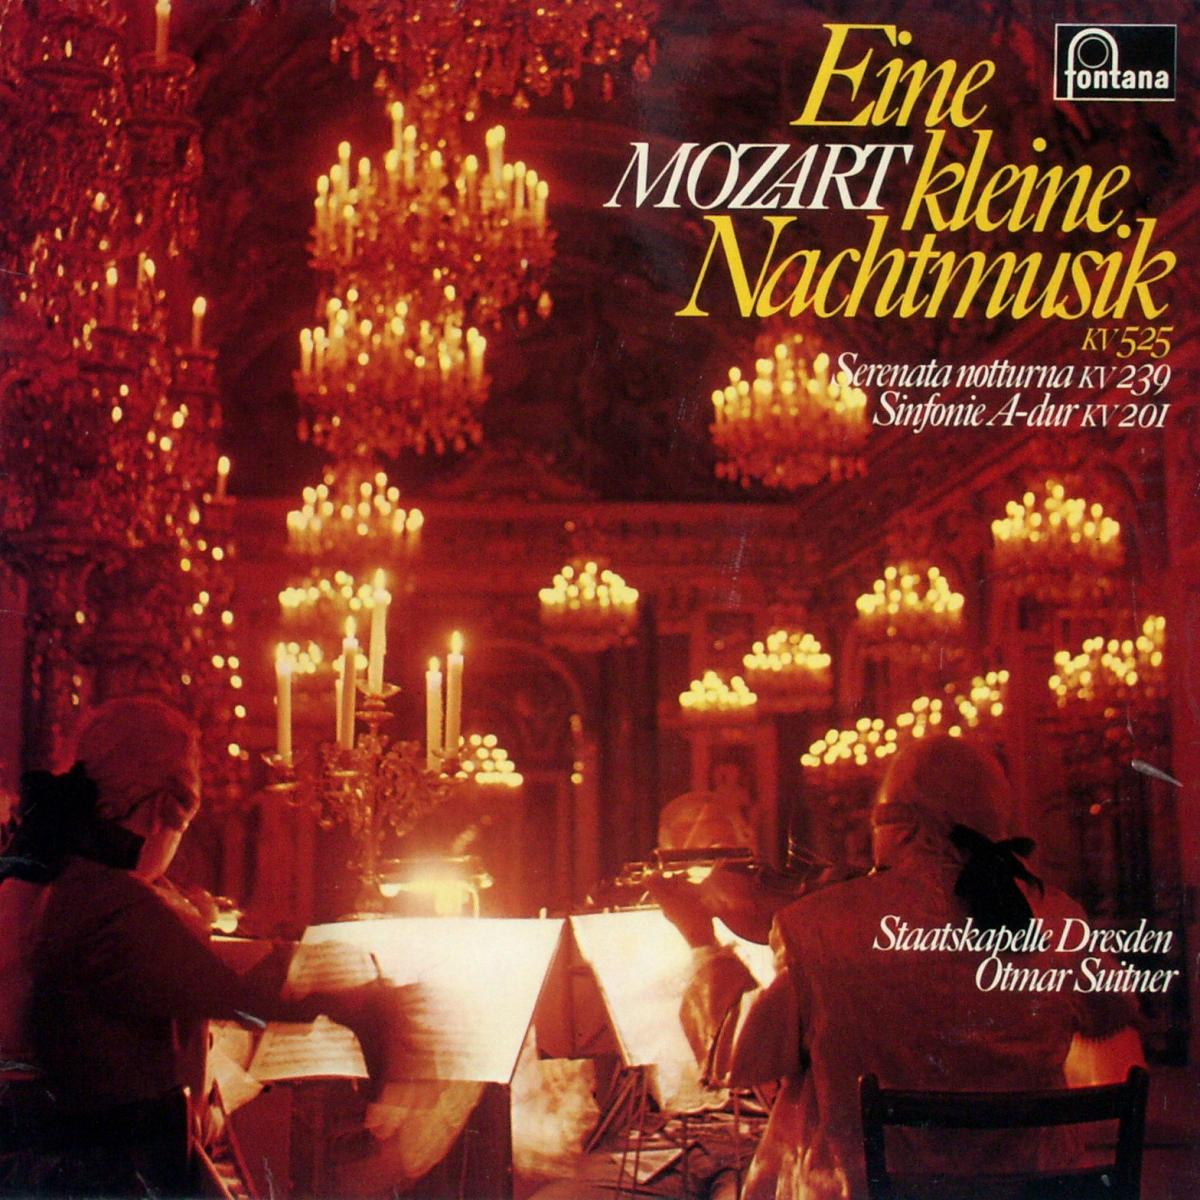 Mozart - Eine Kleine Nachtmusik KV 525 / Serenata Notturna KV 239 / Sinfonie A-Dur [LP]